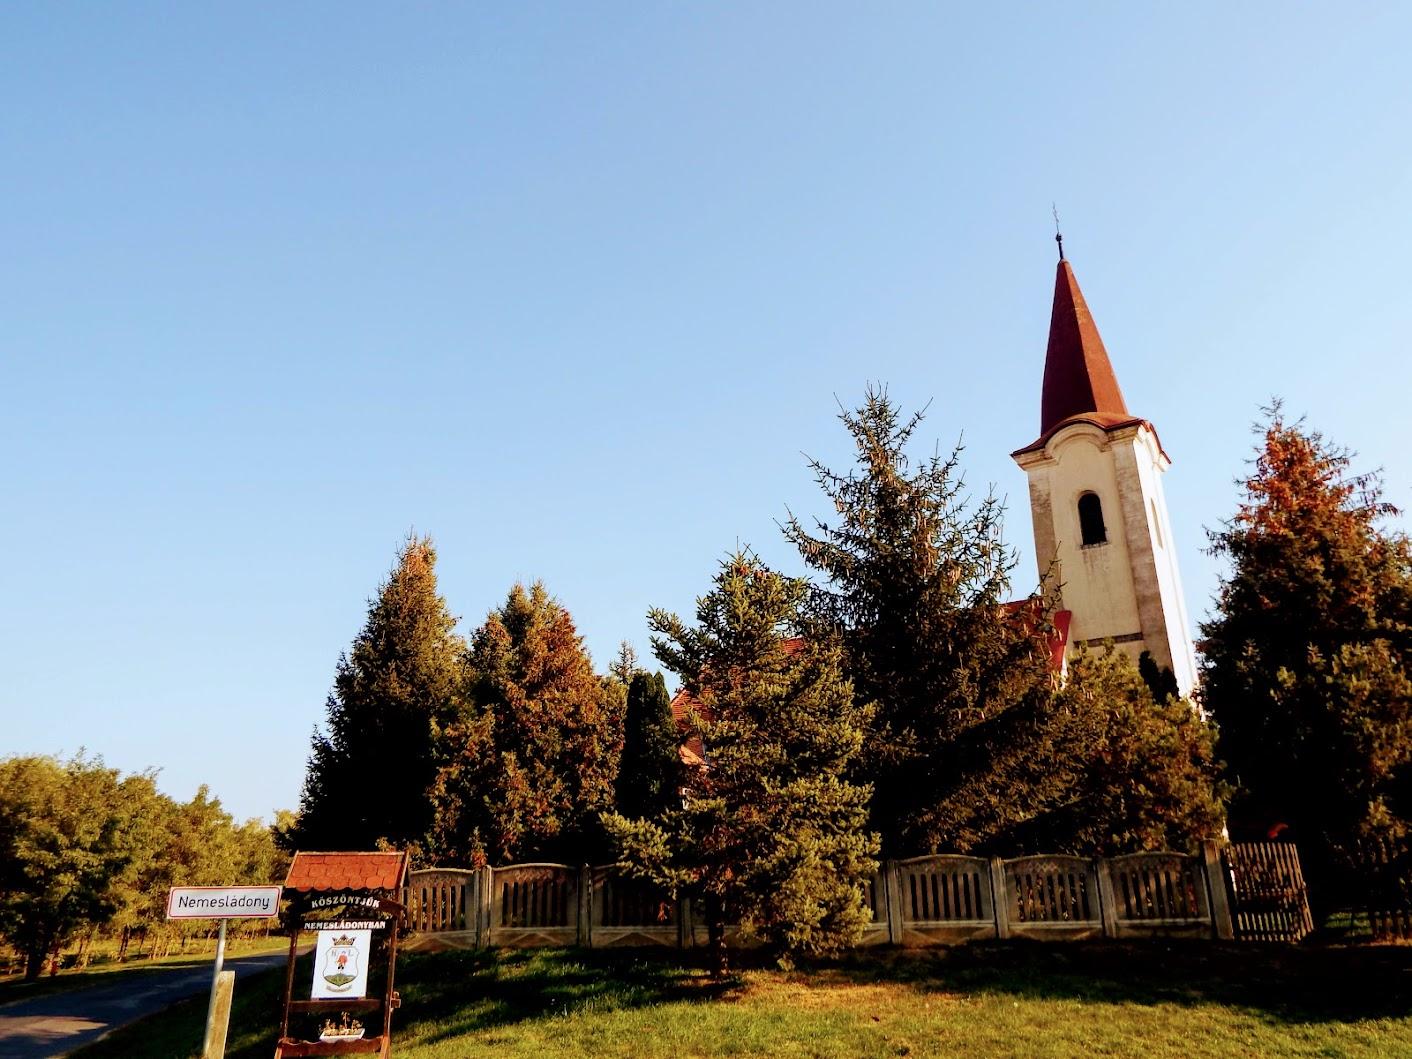 Nemesládony - Szent Miklós rk. templom